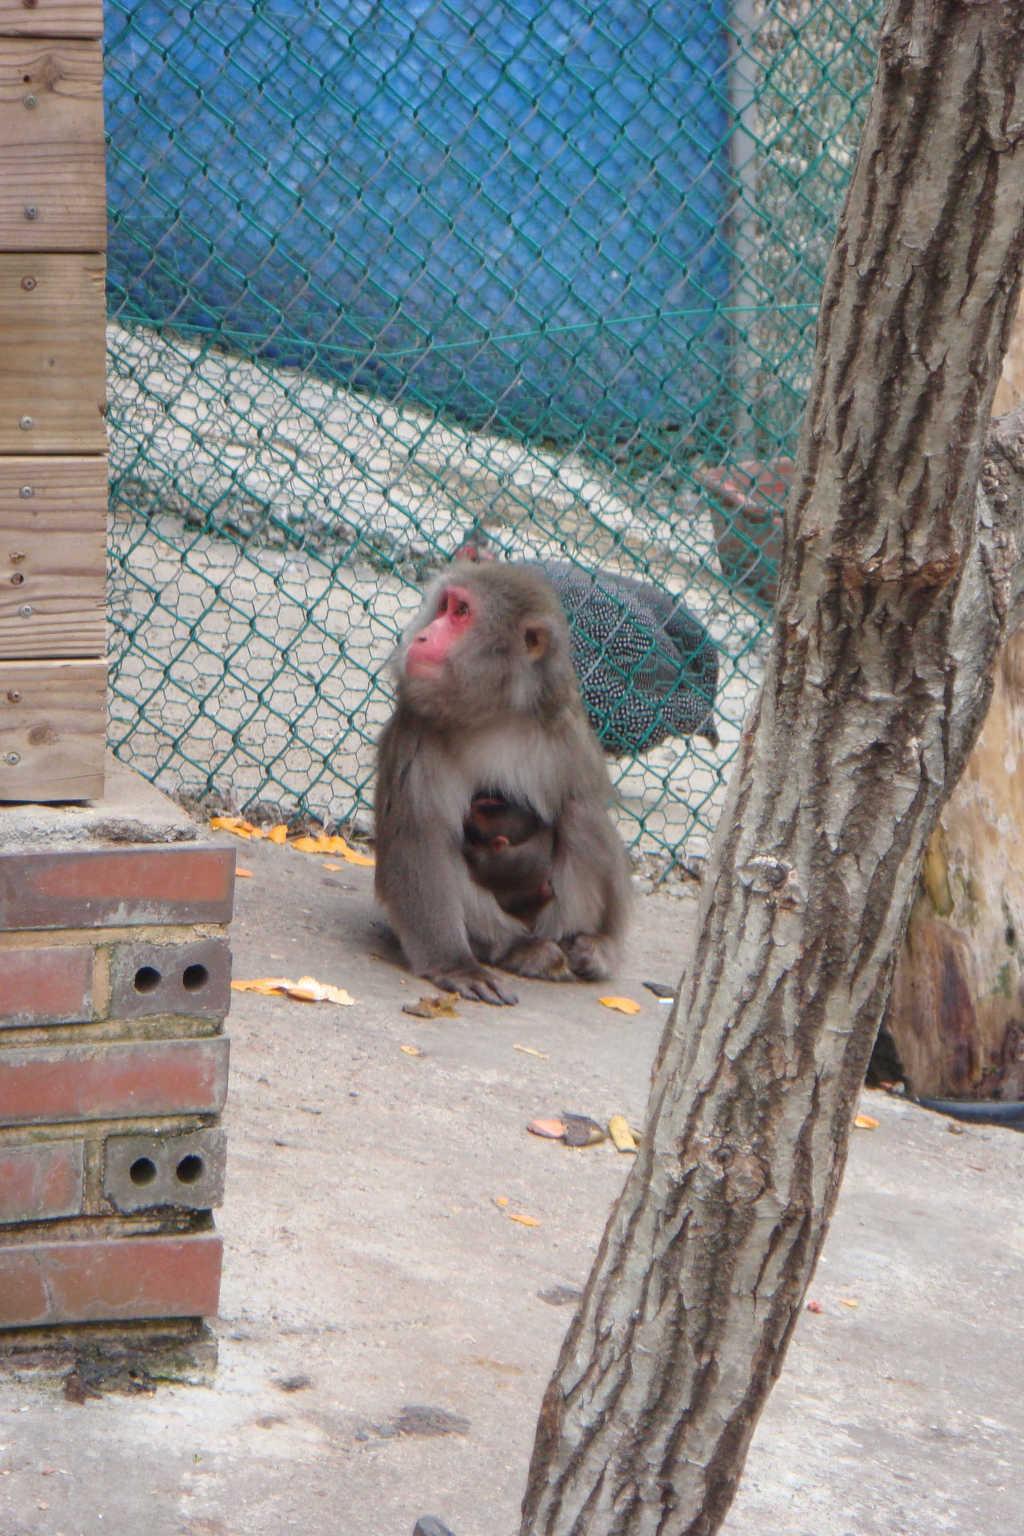 지난달 25일 칠갑산 자연휴양림 우리를 탈출한 일본원숭이